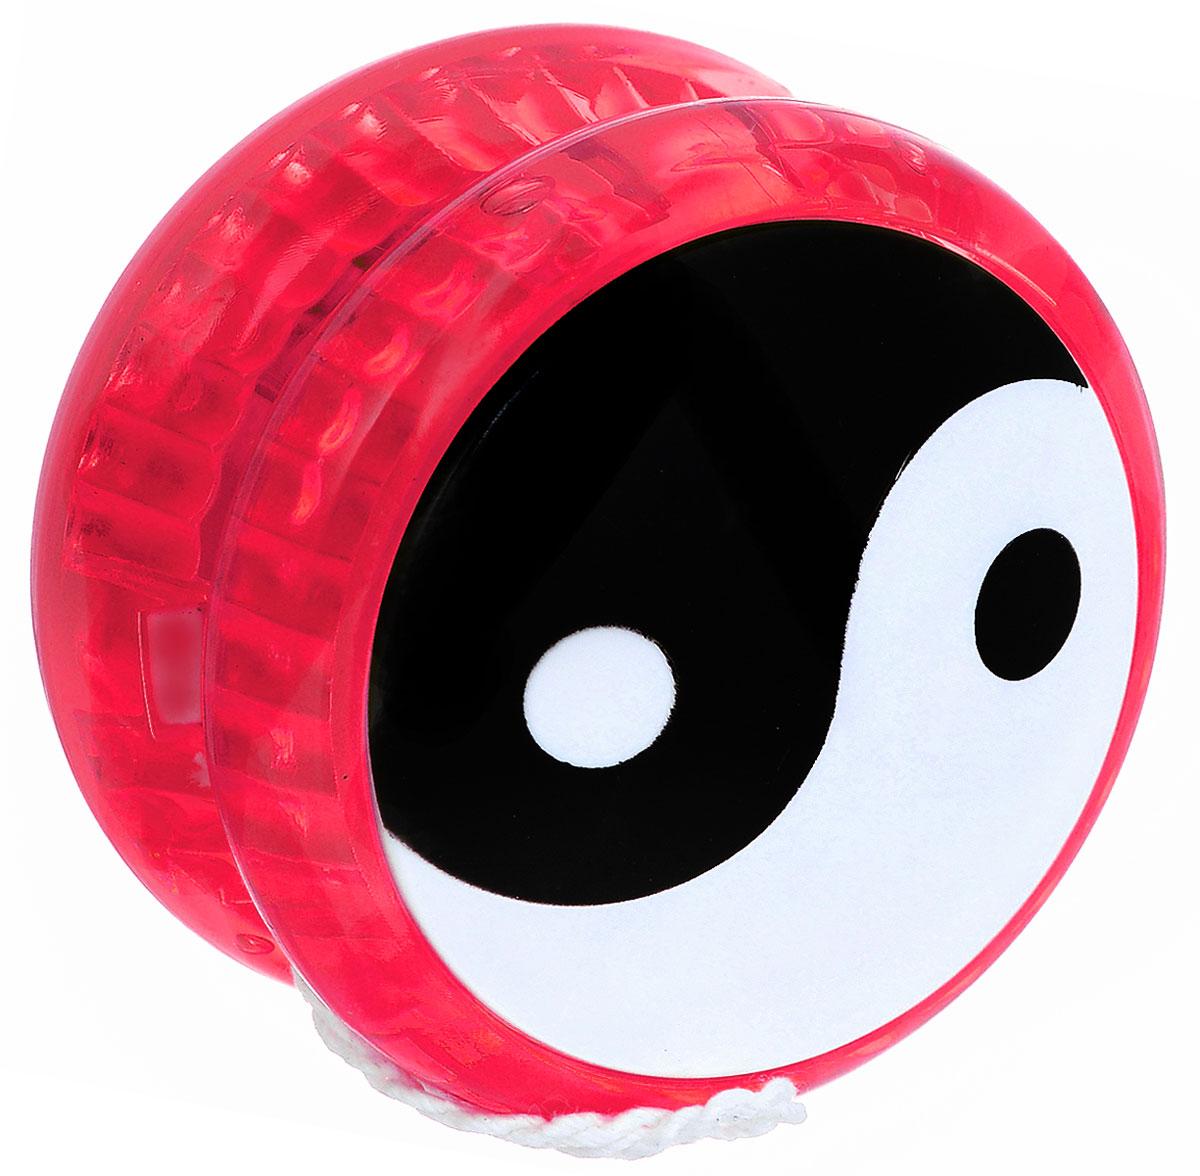 Эврика Йо-йо Инь-Ян цвет красный игрушка йо йо 1 toy на палец